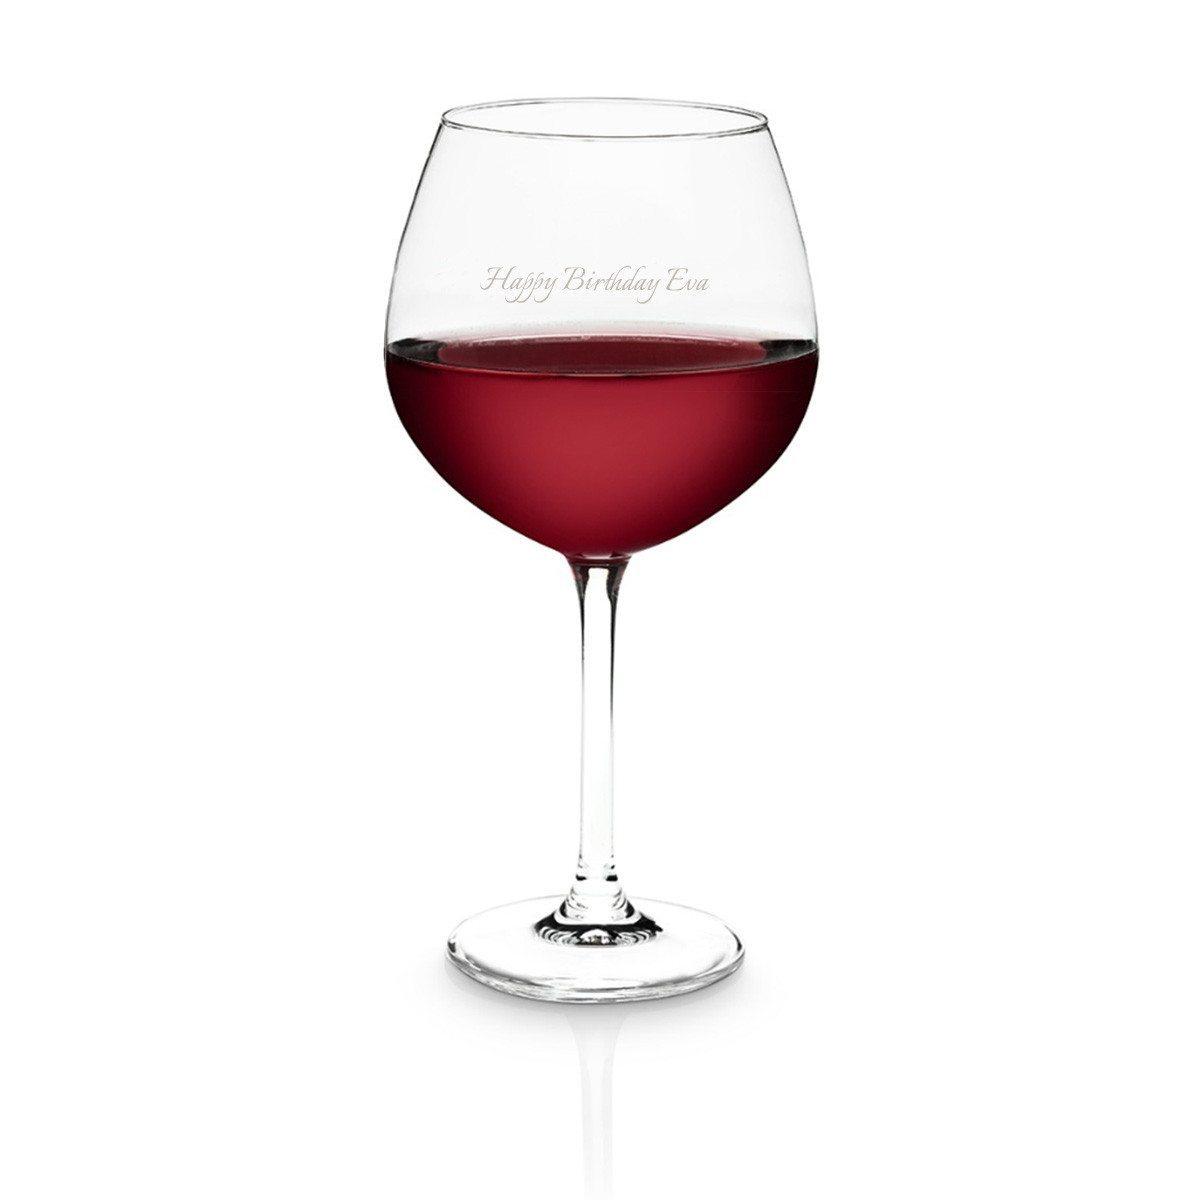 Rødvinsglas med indgravering fra Schott Zwiesel